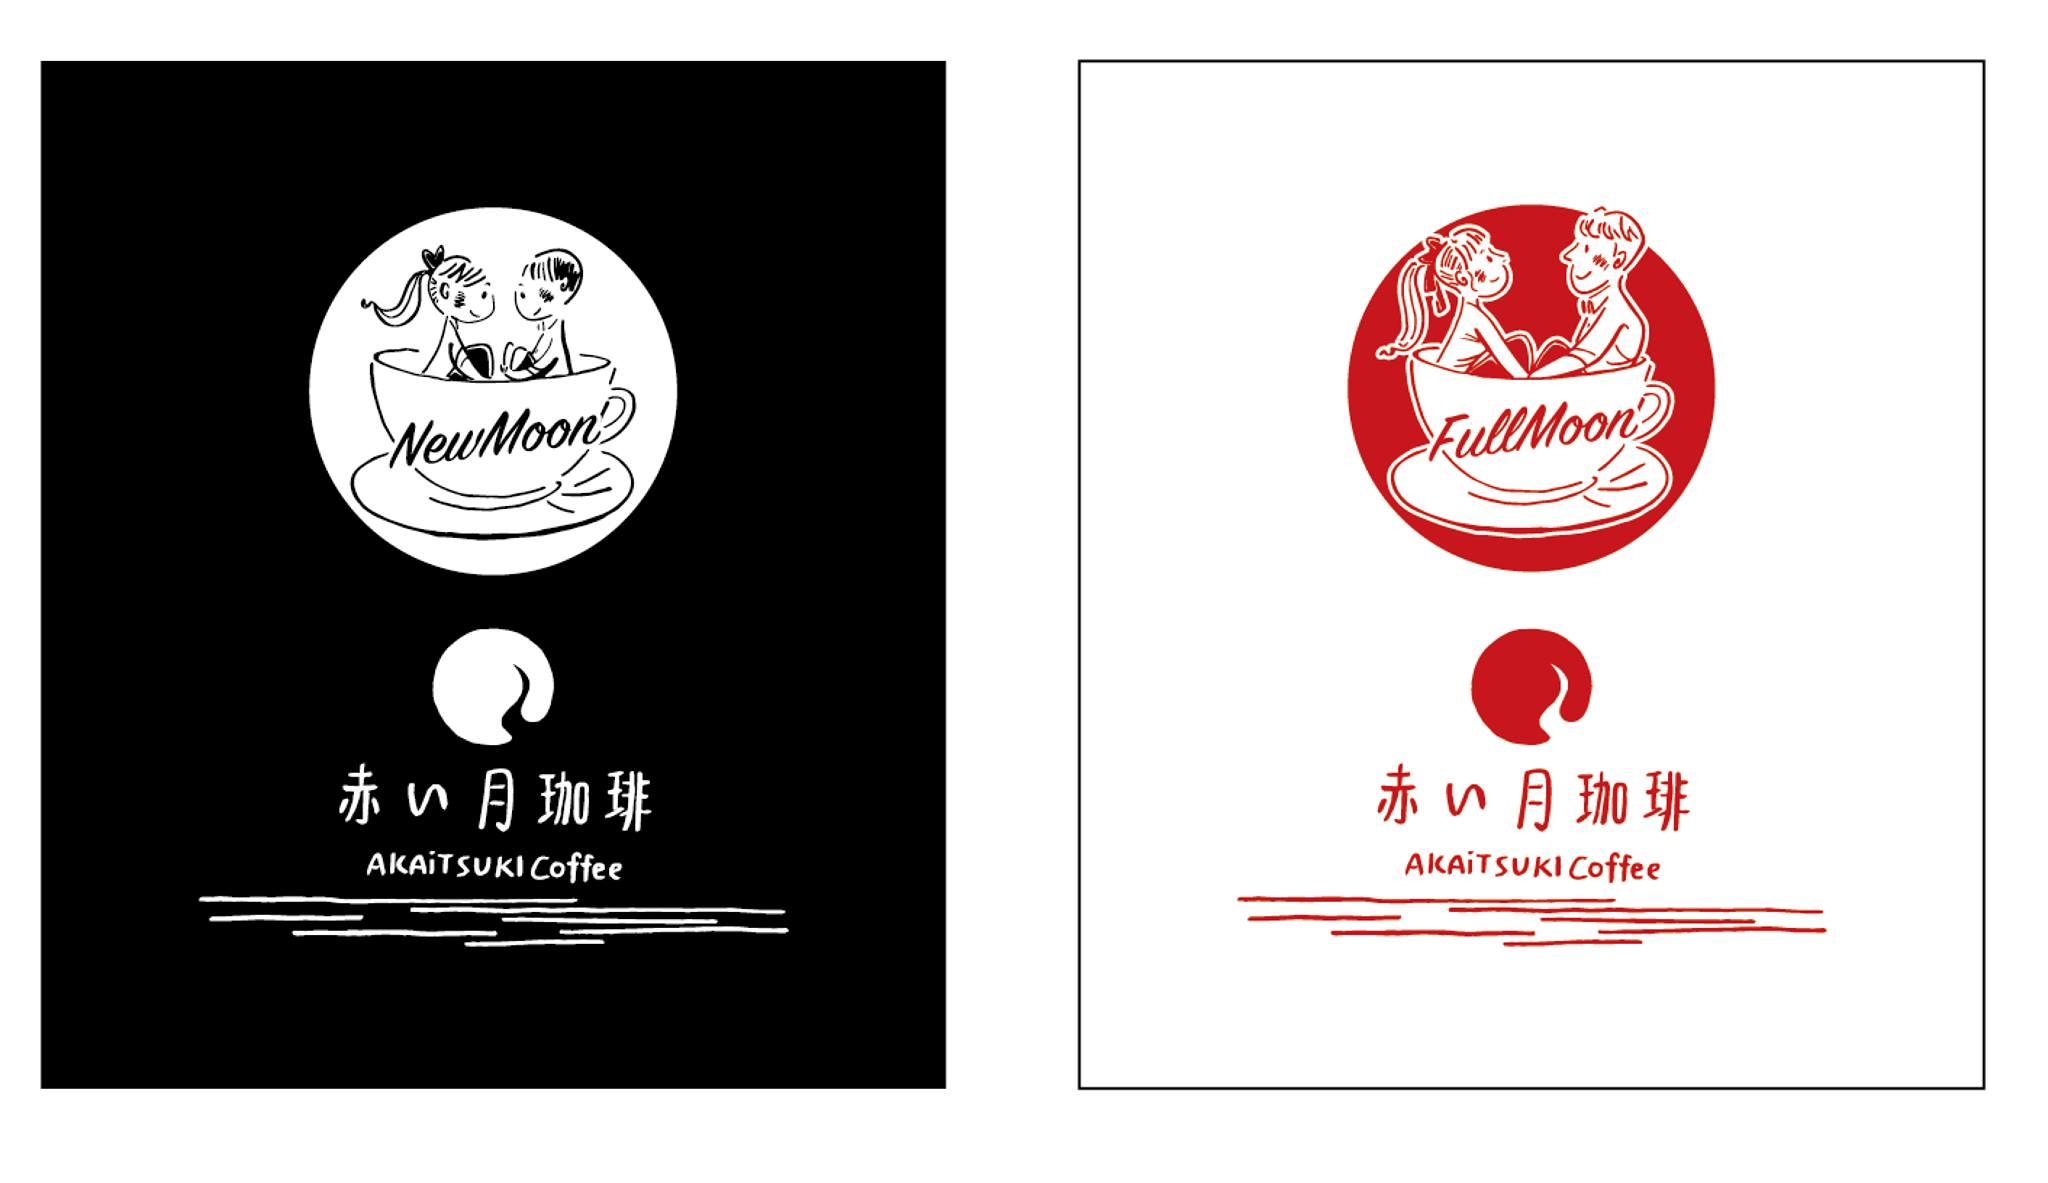 イラストレーター豊島宙が描いたコーヒーパックの絵